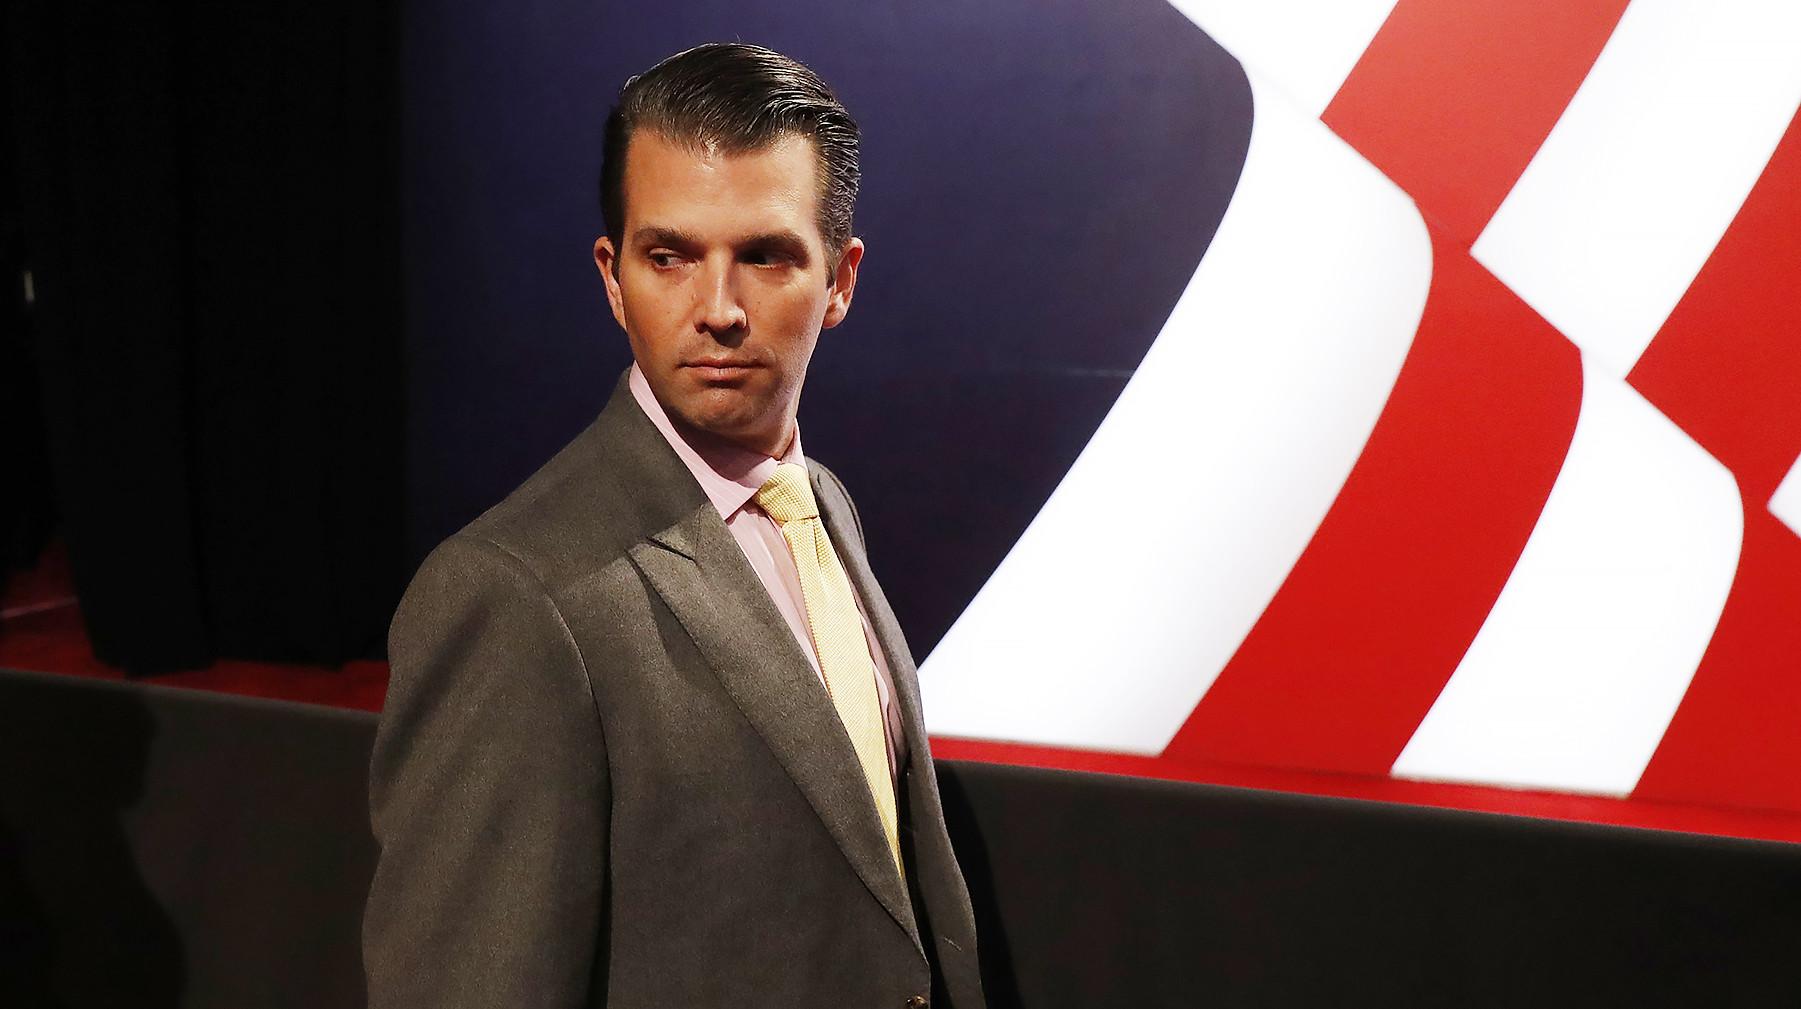 В комитете сената США могут допросить Трампа-младшего по делу о «связях с Россией»